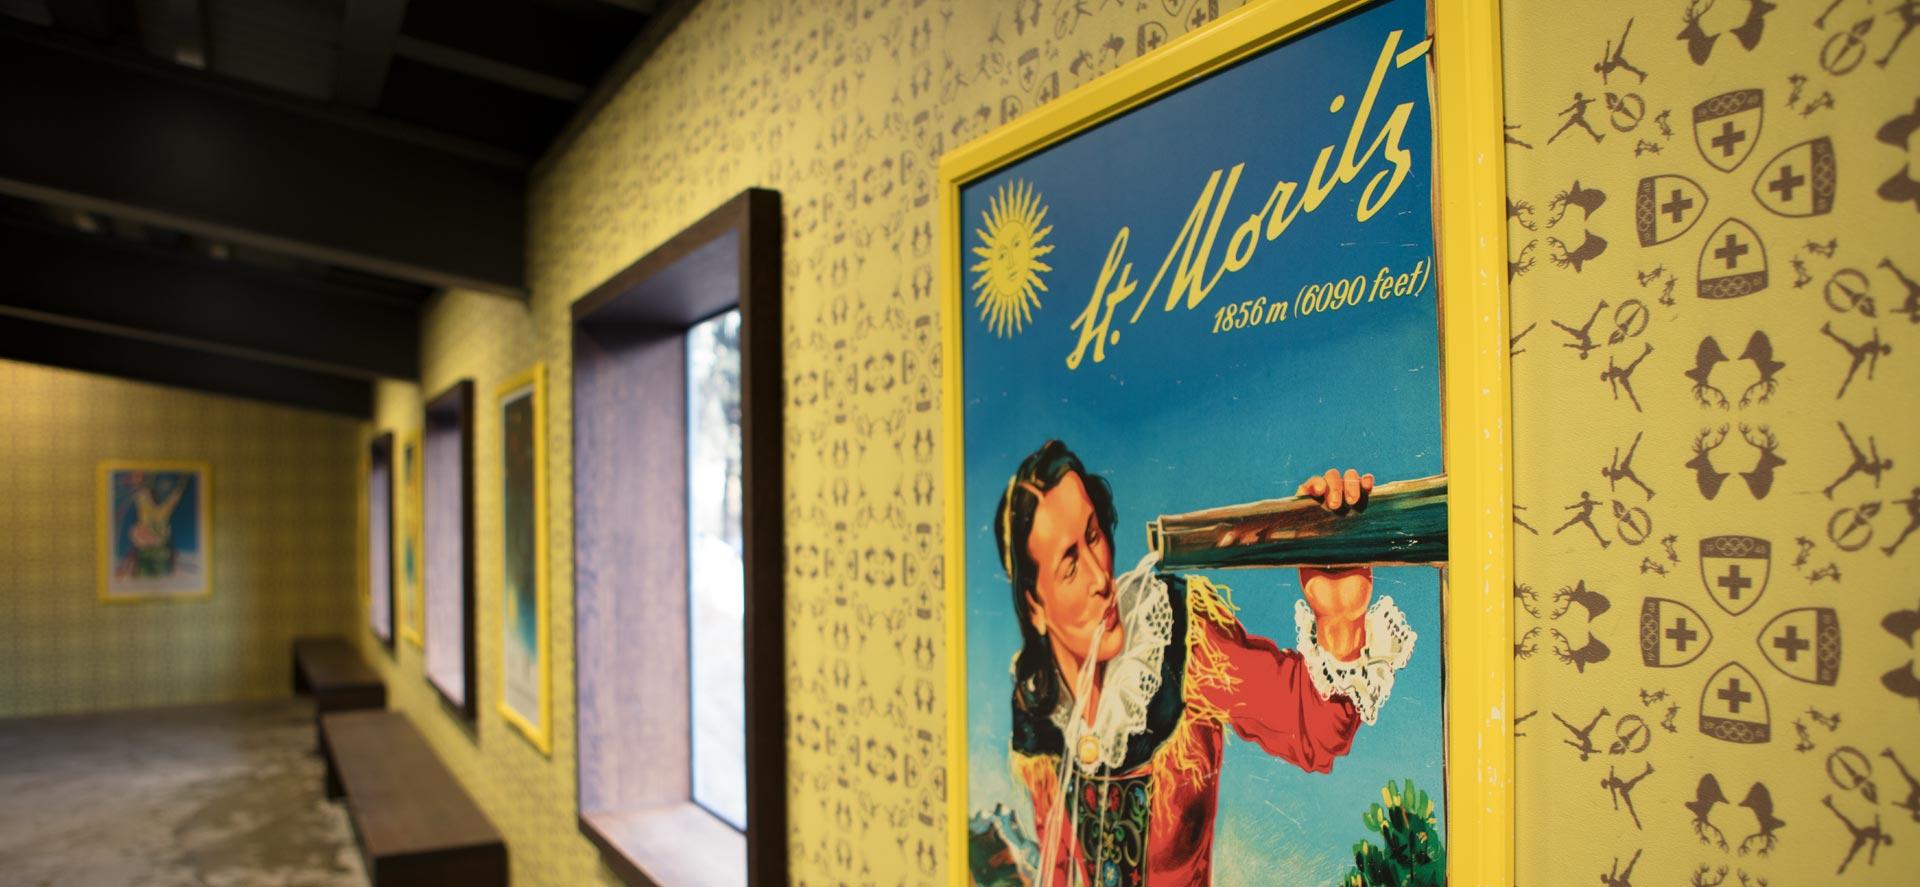 Tapetendesign für St.Moritz